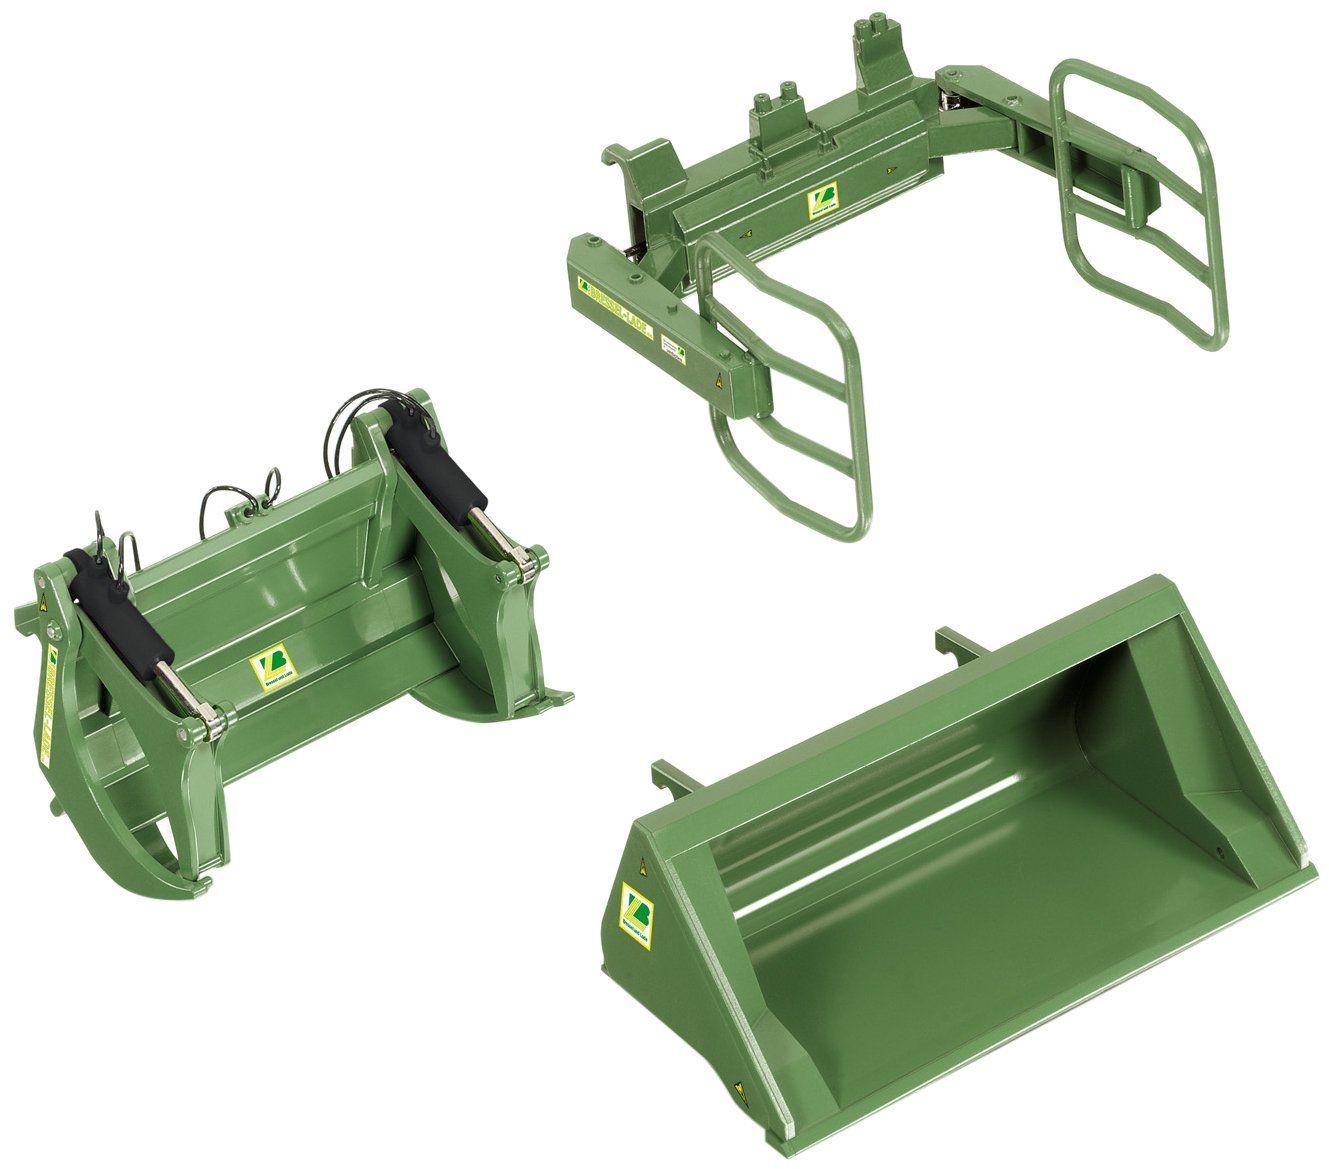 Wiking 7383 - Załadunek od przodu zestaw narzędzi A deska i ładowanie, zielony